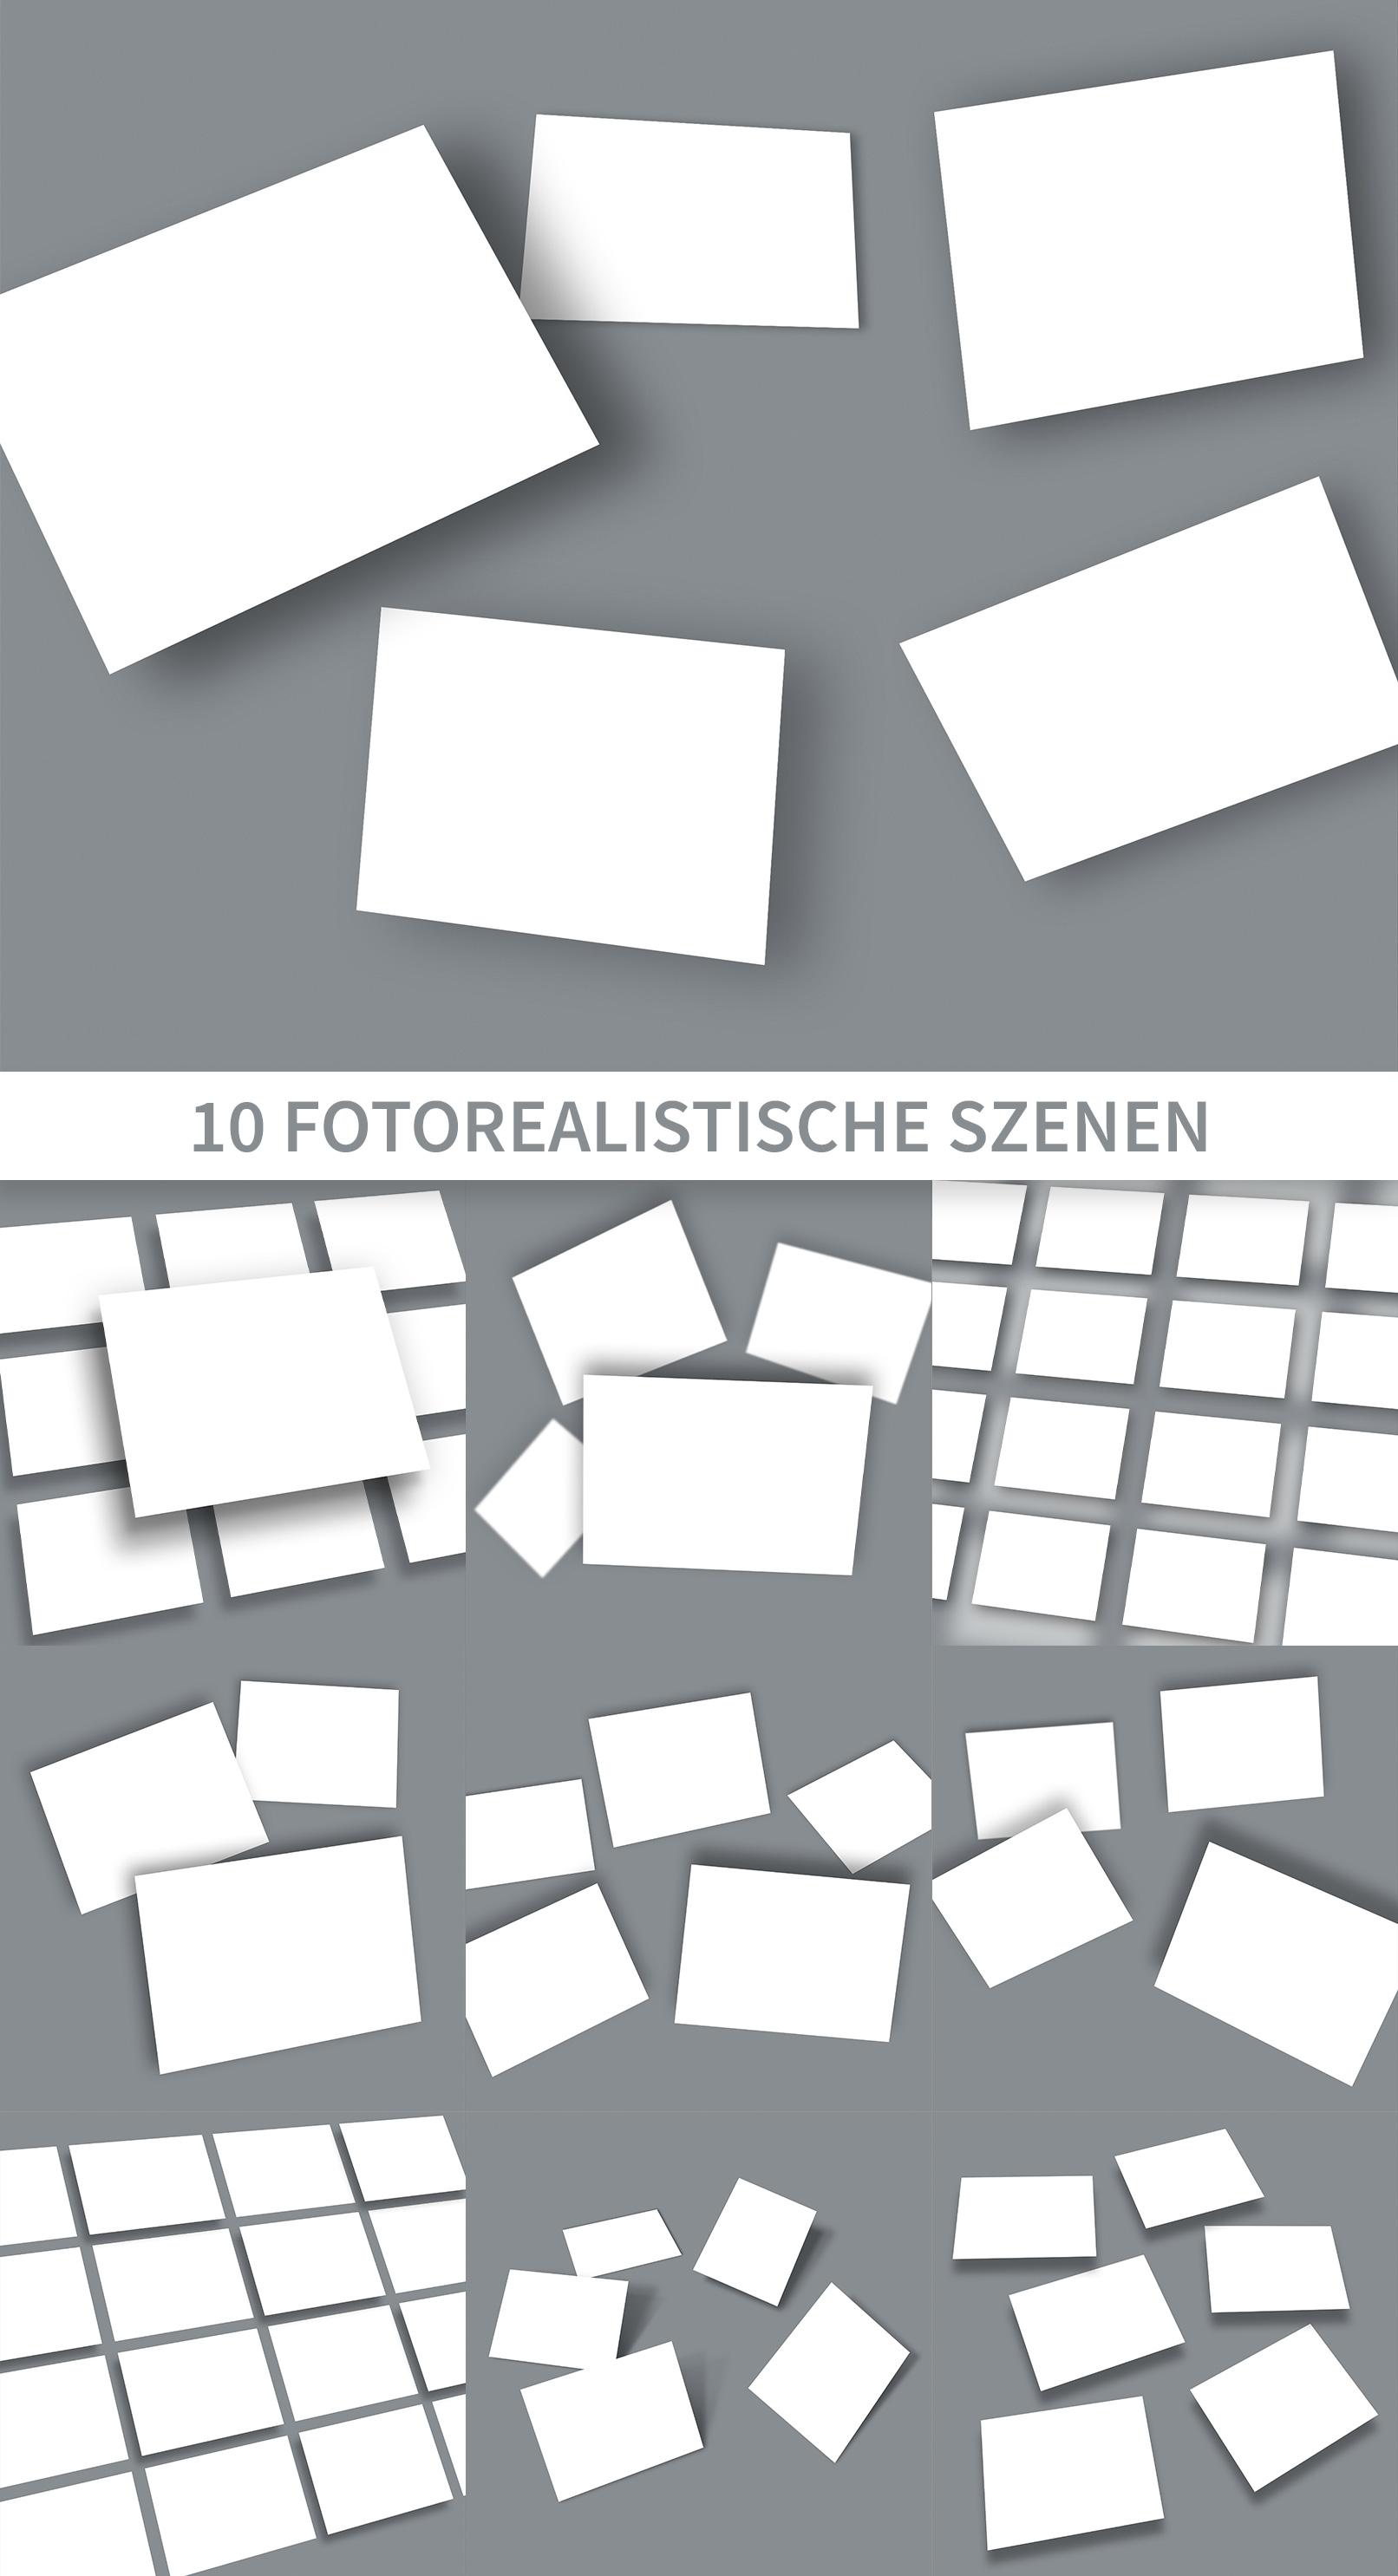 Photoshop-Mockups für Präsentationsfolien im 4:3-Format mit Karten unterschiedlicher Ausrichtung